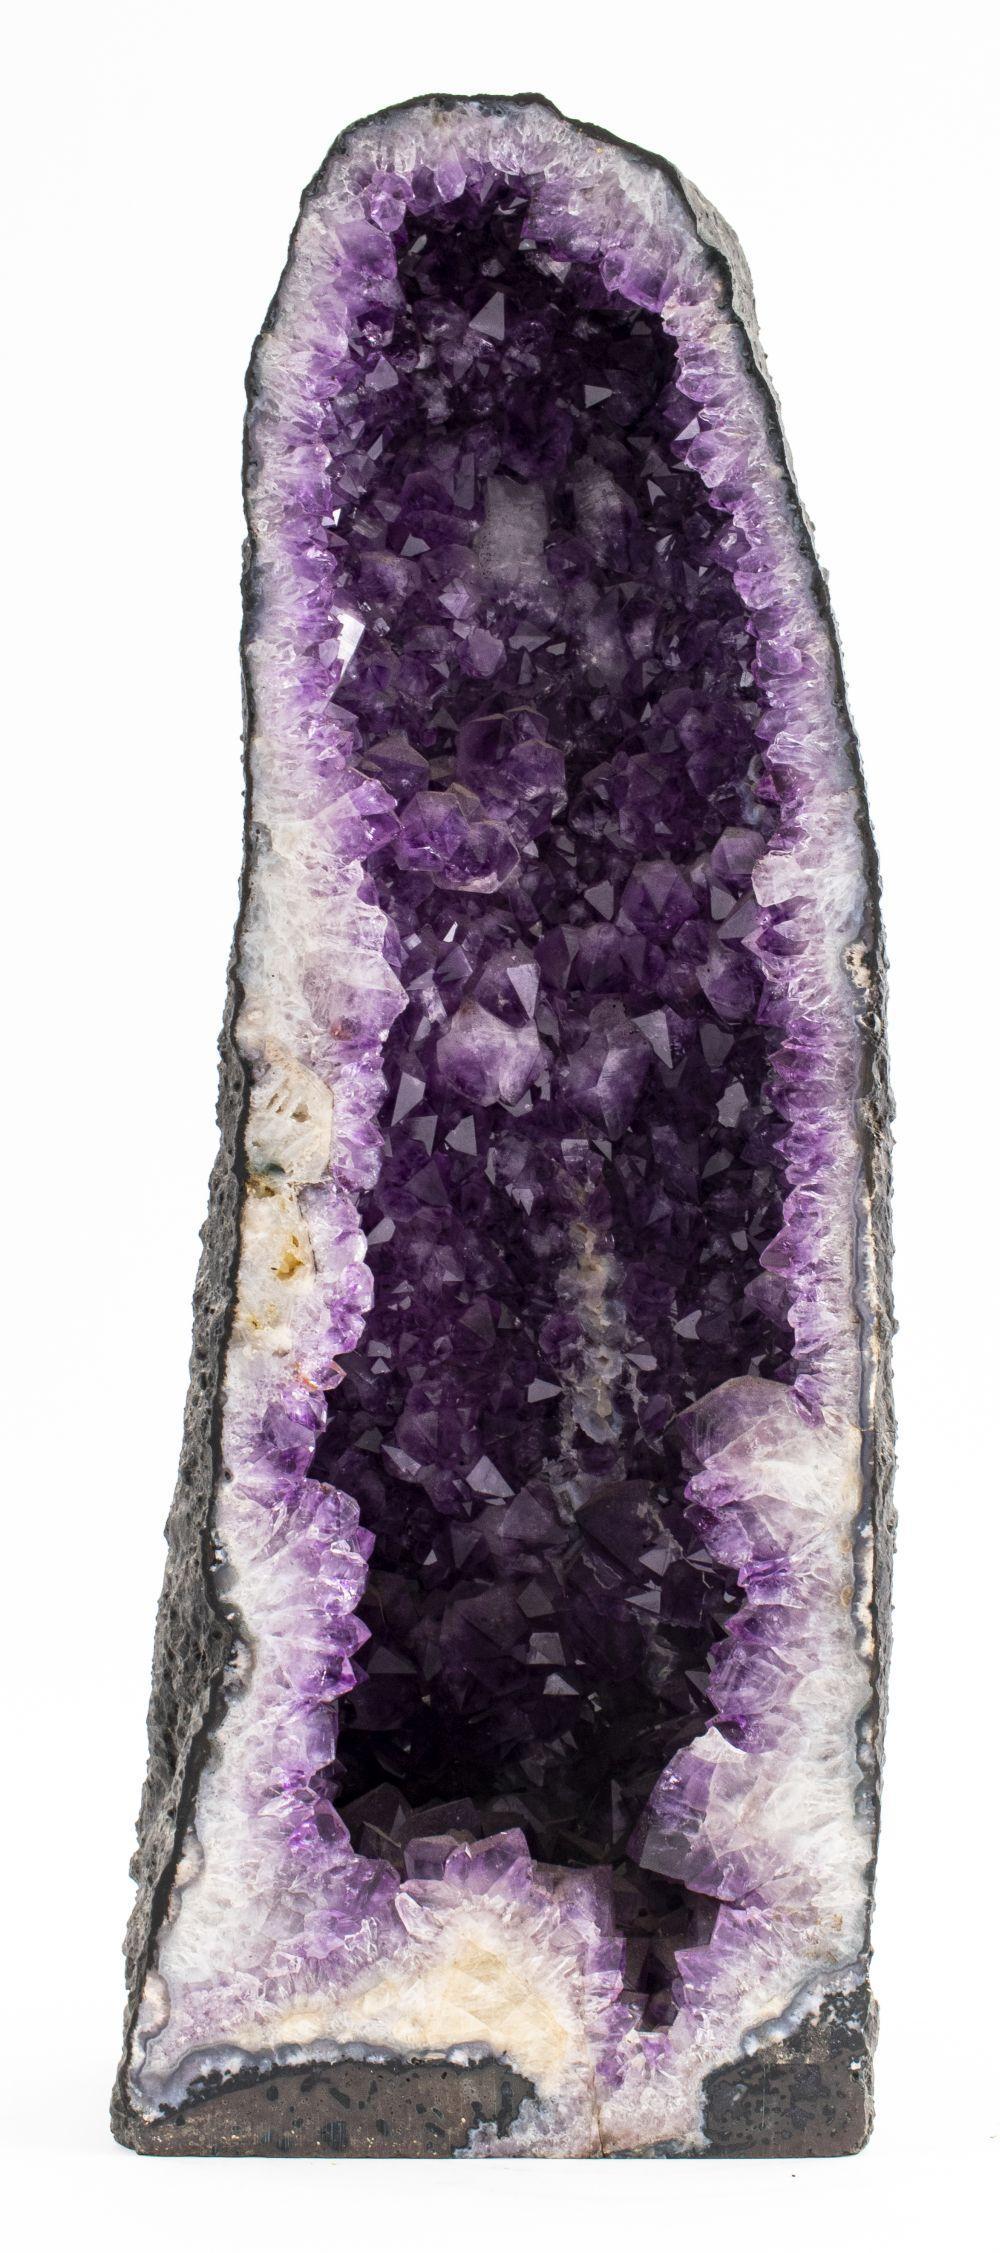 Large Amethyst Geode Boulder Specimen